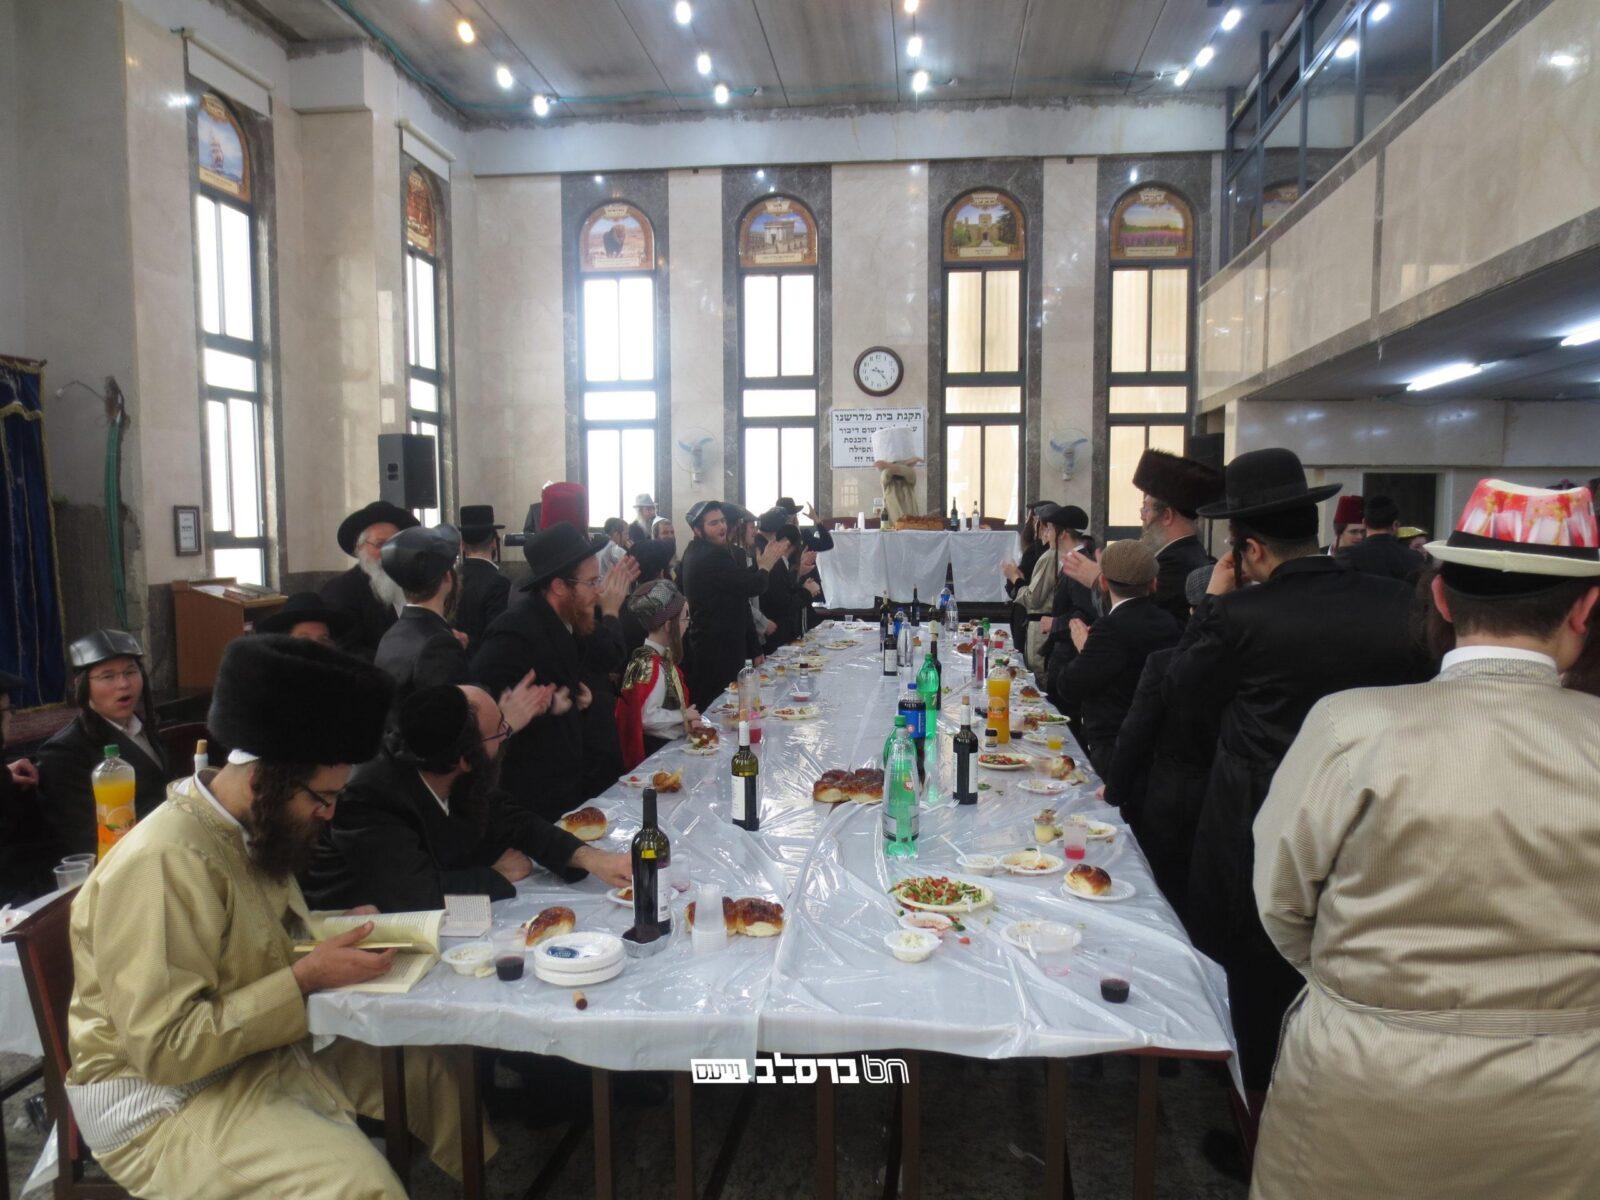 בית שמש: שמחת פורים ומשתה היין בבית הכנסת ברסלב בקריה החרדית בית שמש